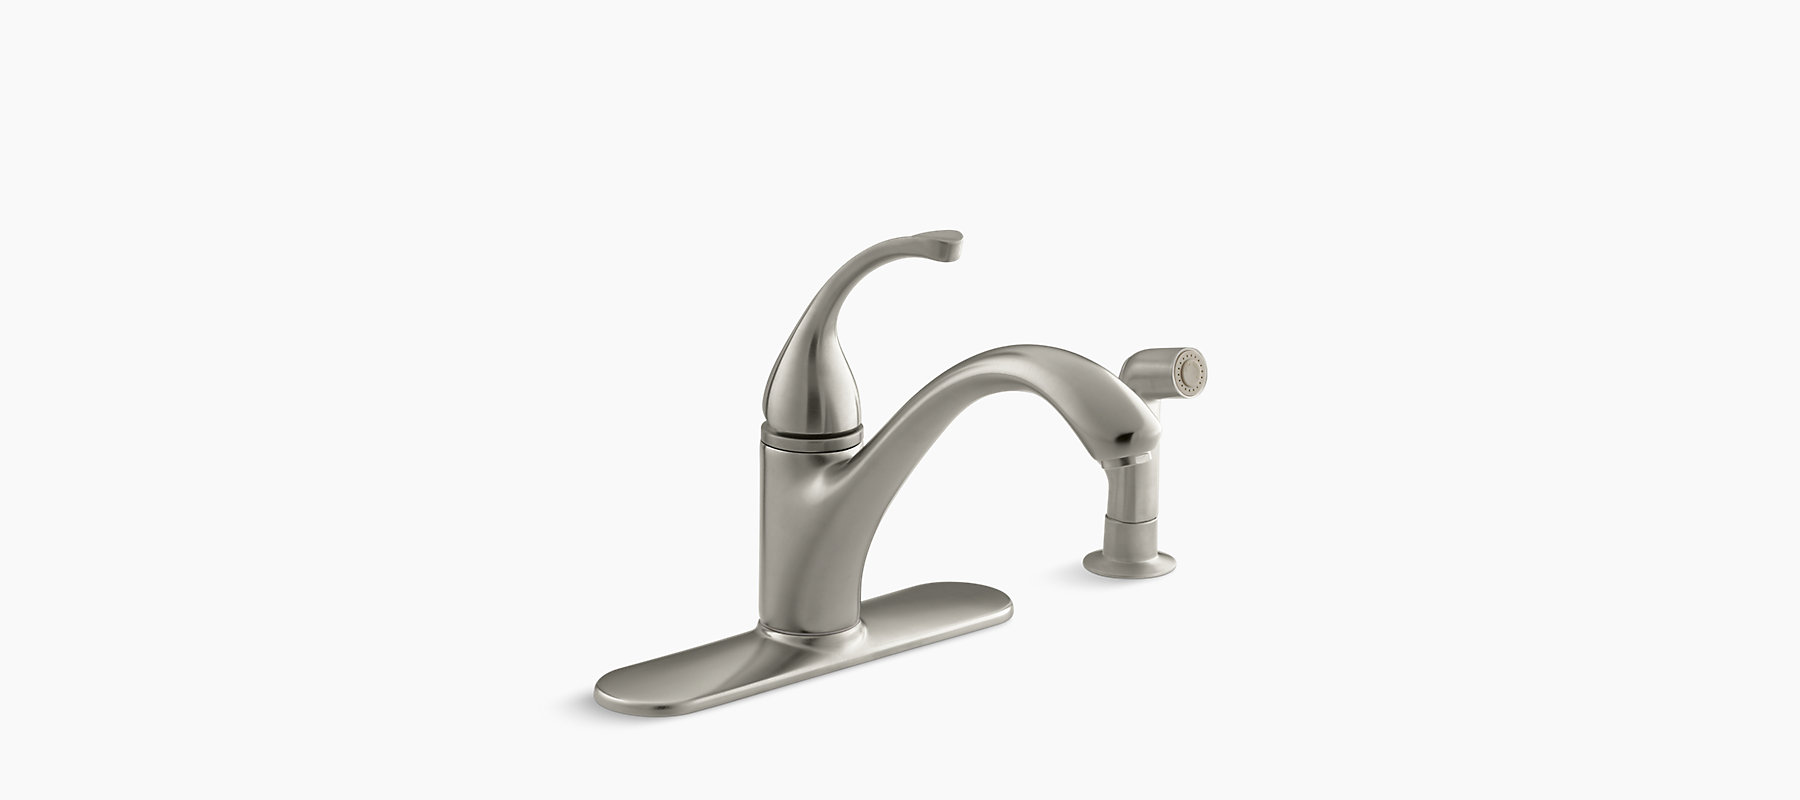 K R10412 N Fort 233 Single Handle Kitchen Sink Faucet Kohler